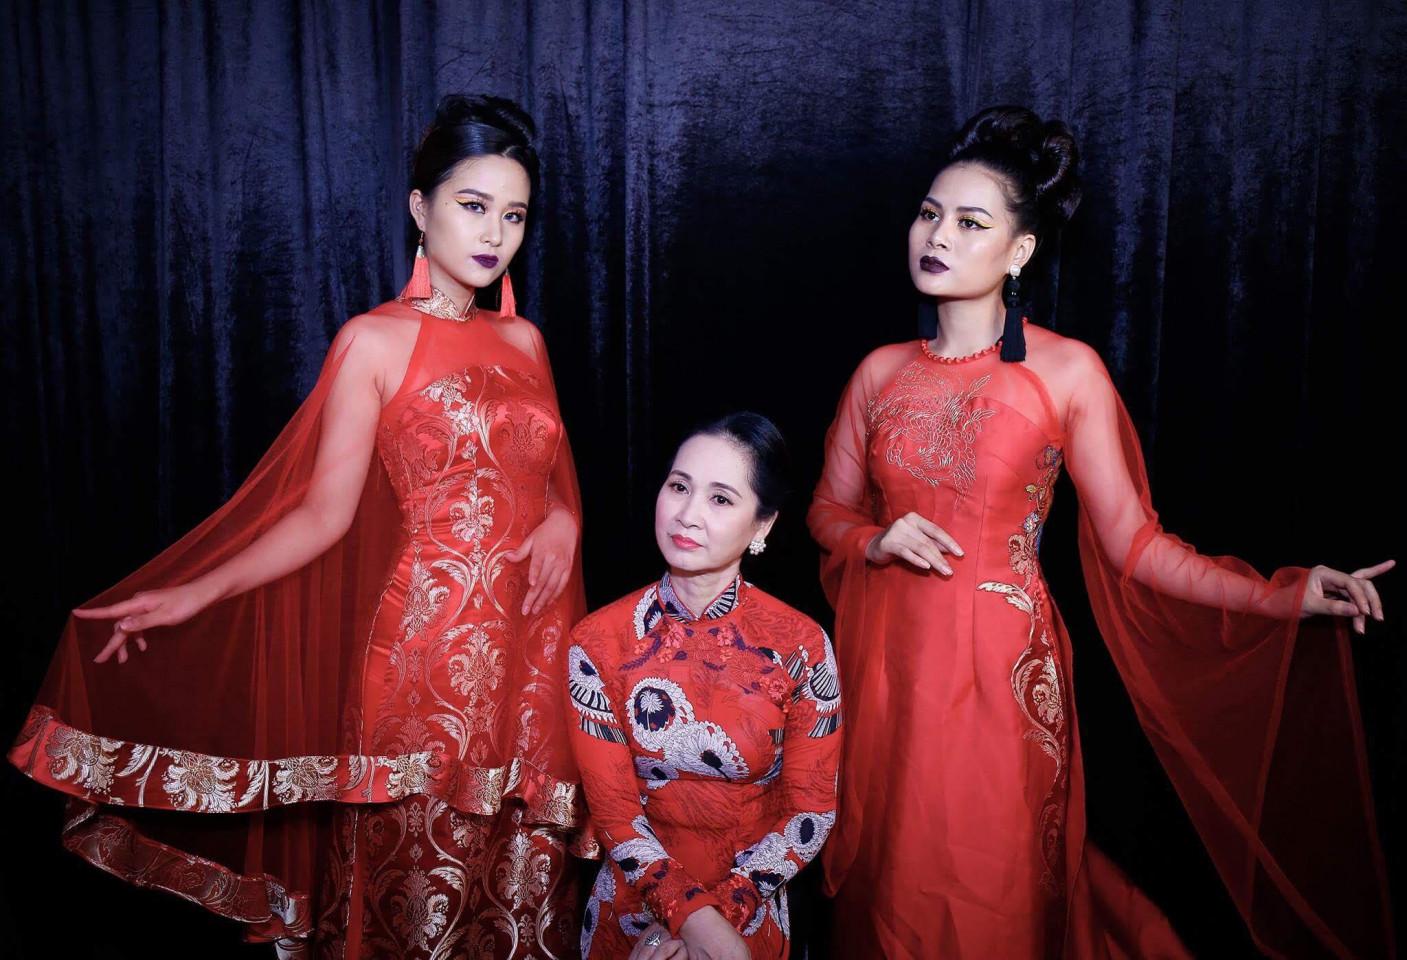 Nguyễn Ngọc Hà - Á khôi Tài sắc Việt Nam 2017 (bìa trái)